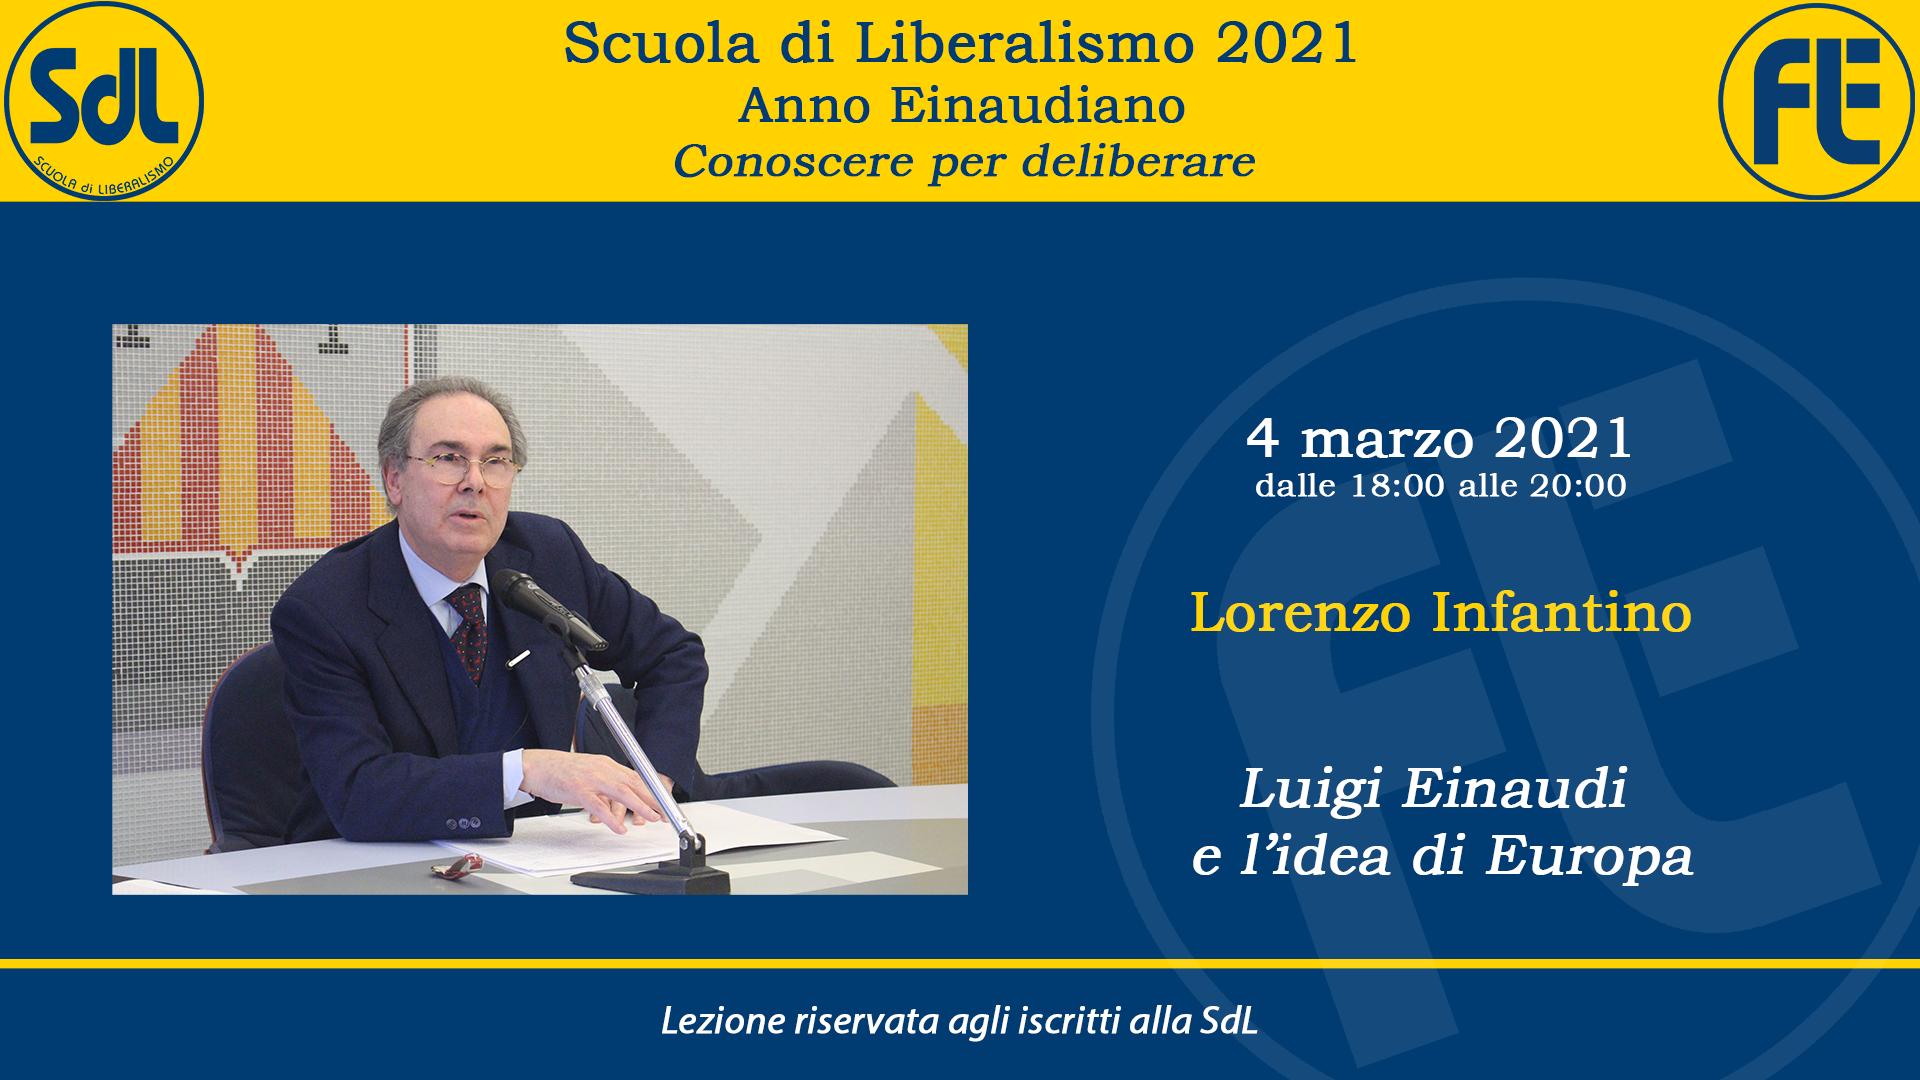 Scuola di Liberalismo 2021: 4 marzo lezione di Lorenzo Infantino